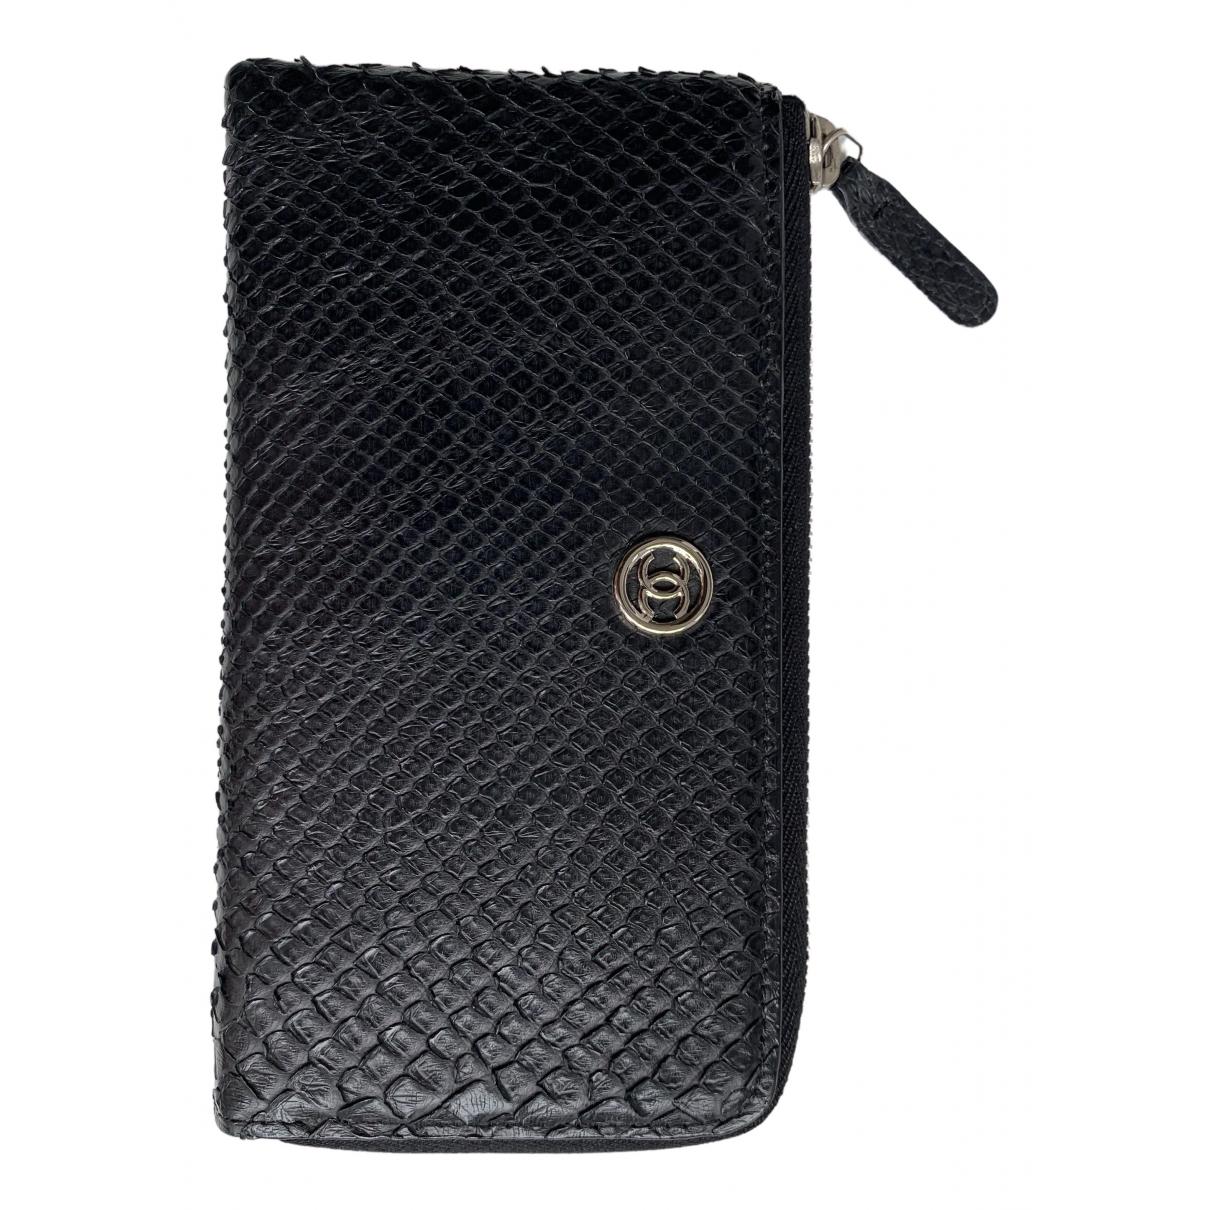 Chanel - Portefeuille   pour femme en python - noir